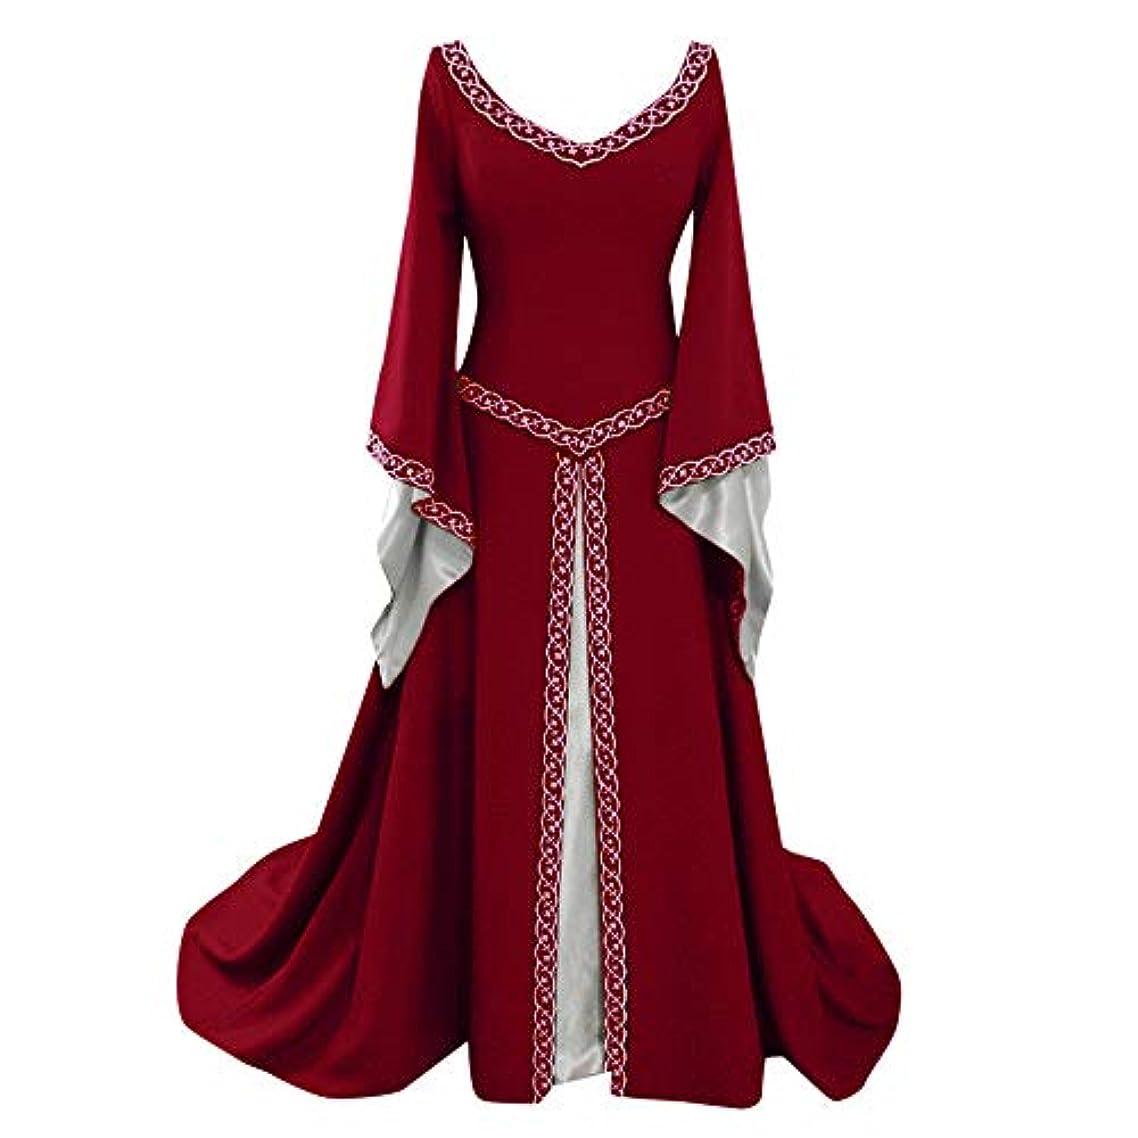 子一人でスコアドレス レディース 宮廷服 Huliyun ステージ衣装 お姫様 きれいめ 演劇 宮廷衣装 中世ヨーロッパ ワンピース 長袖 貴族 ドレス パーティー 大人用 レディース メイド 洋服 ロリータ ワンピース